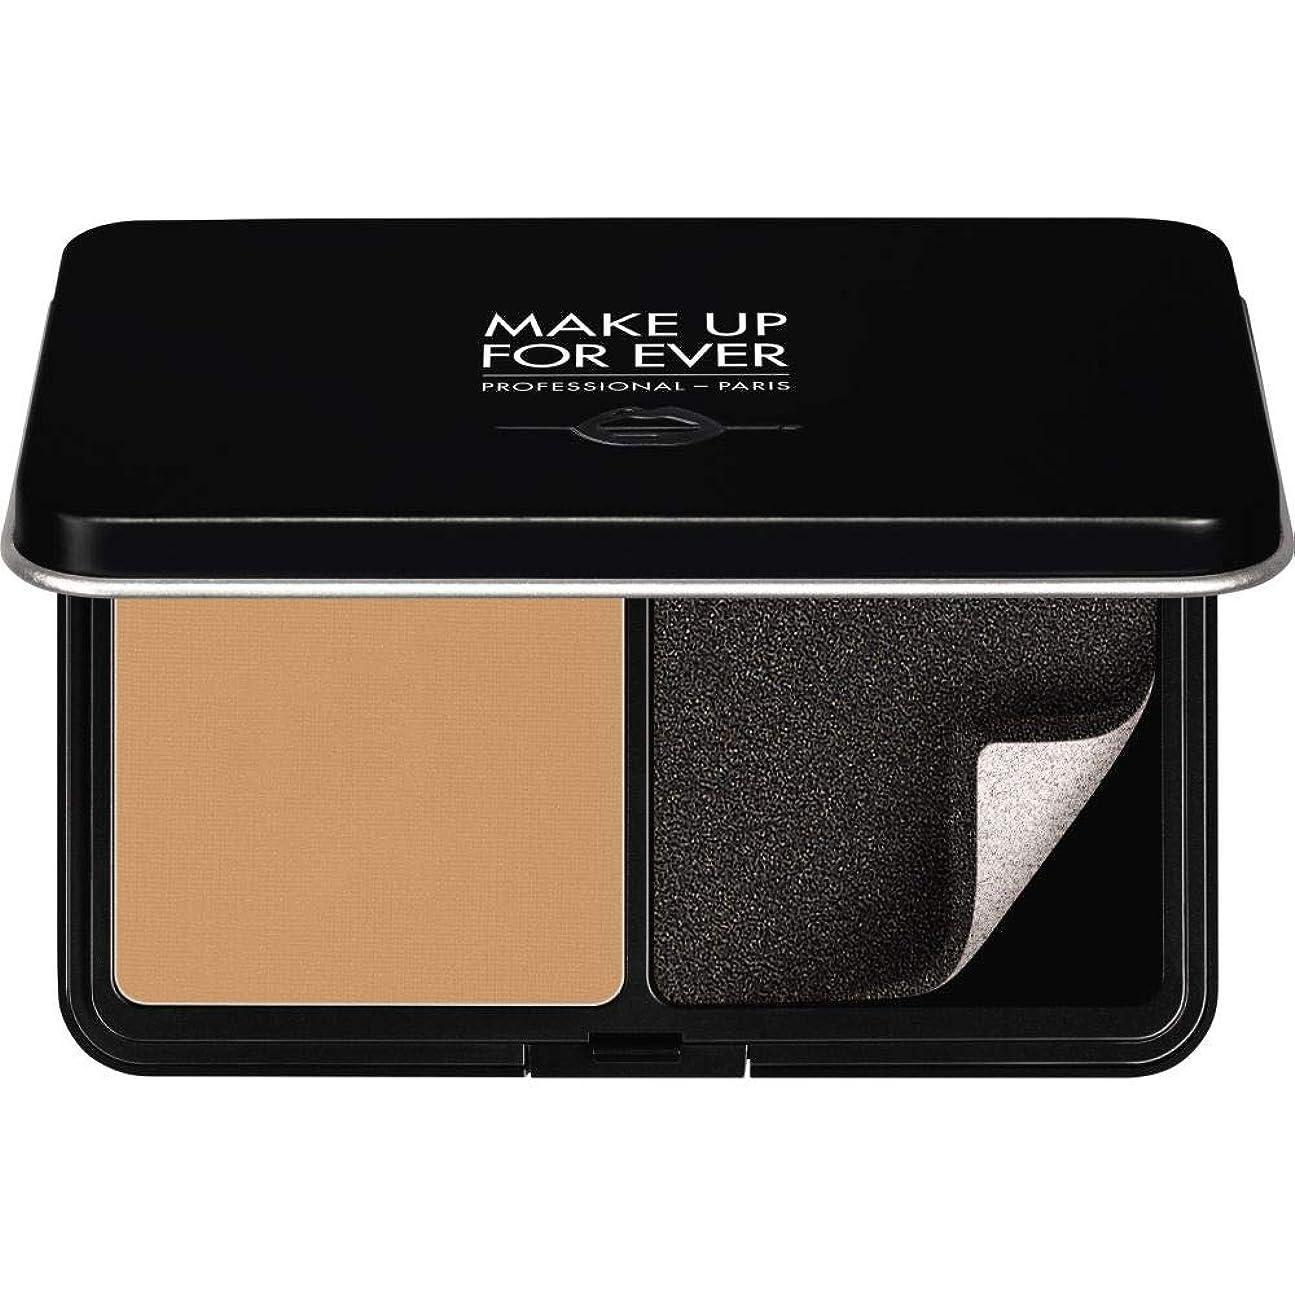 商品真実ペンス[MAKE UP FOR EVER ] パウダーファンデーション11GののY365をぼかし、これまでマットベルベットの肌を補う - 砂漠 - MAKE UP FOR EVER Matte Velvet Skin Blurring Powder Foundation 11g Y365 - Desert [並行輸入品]